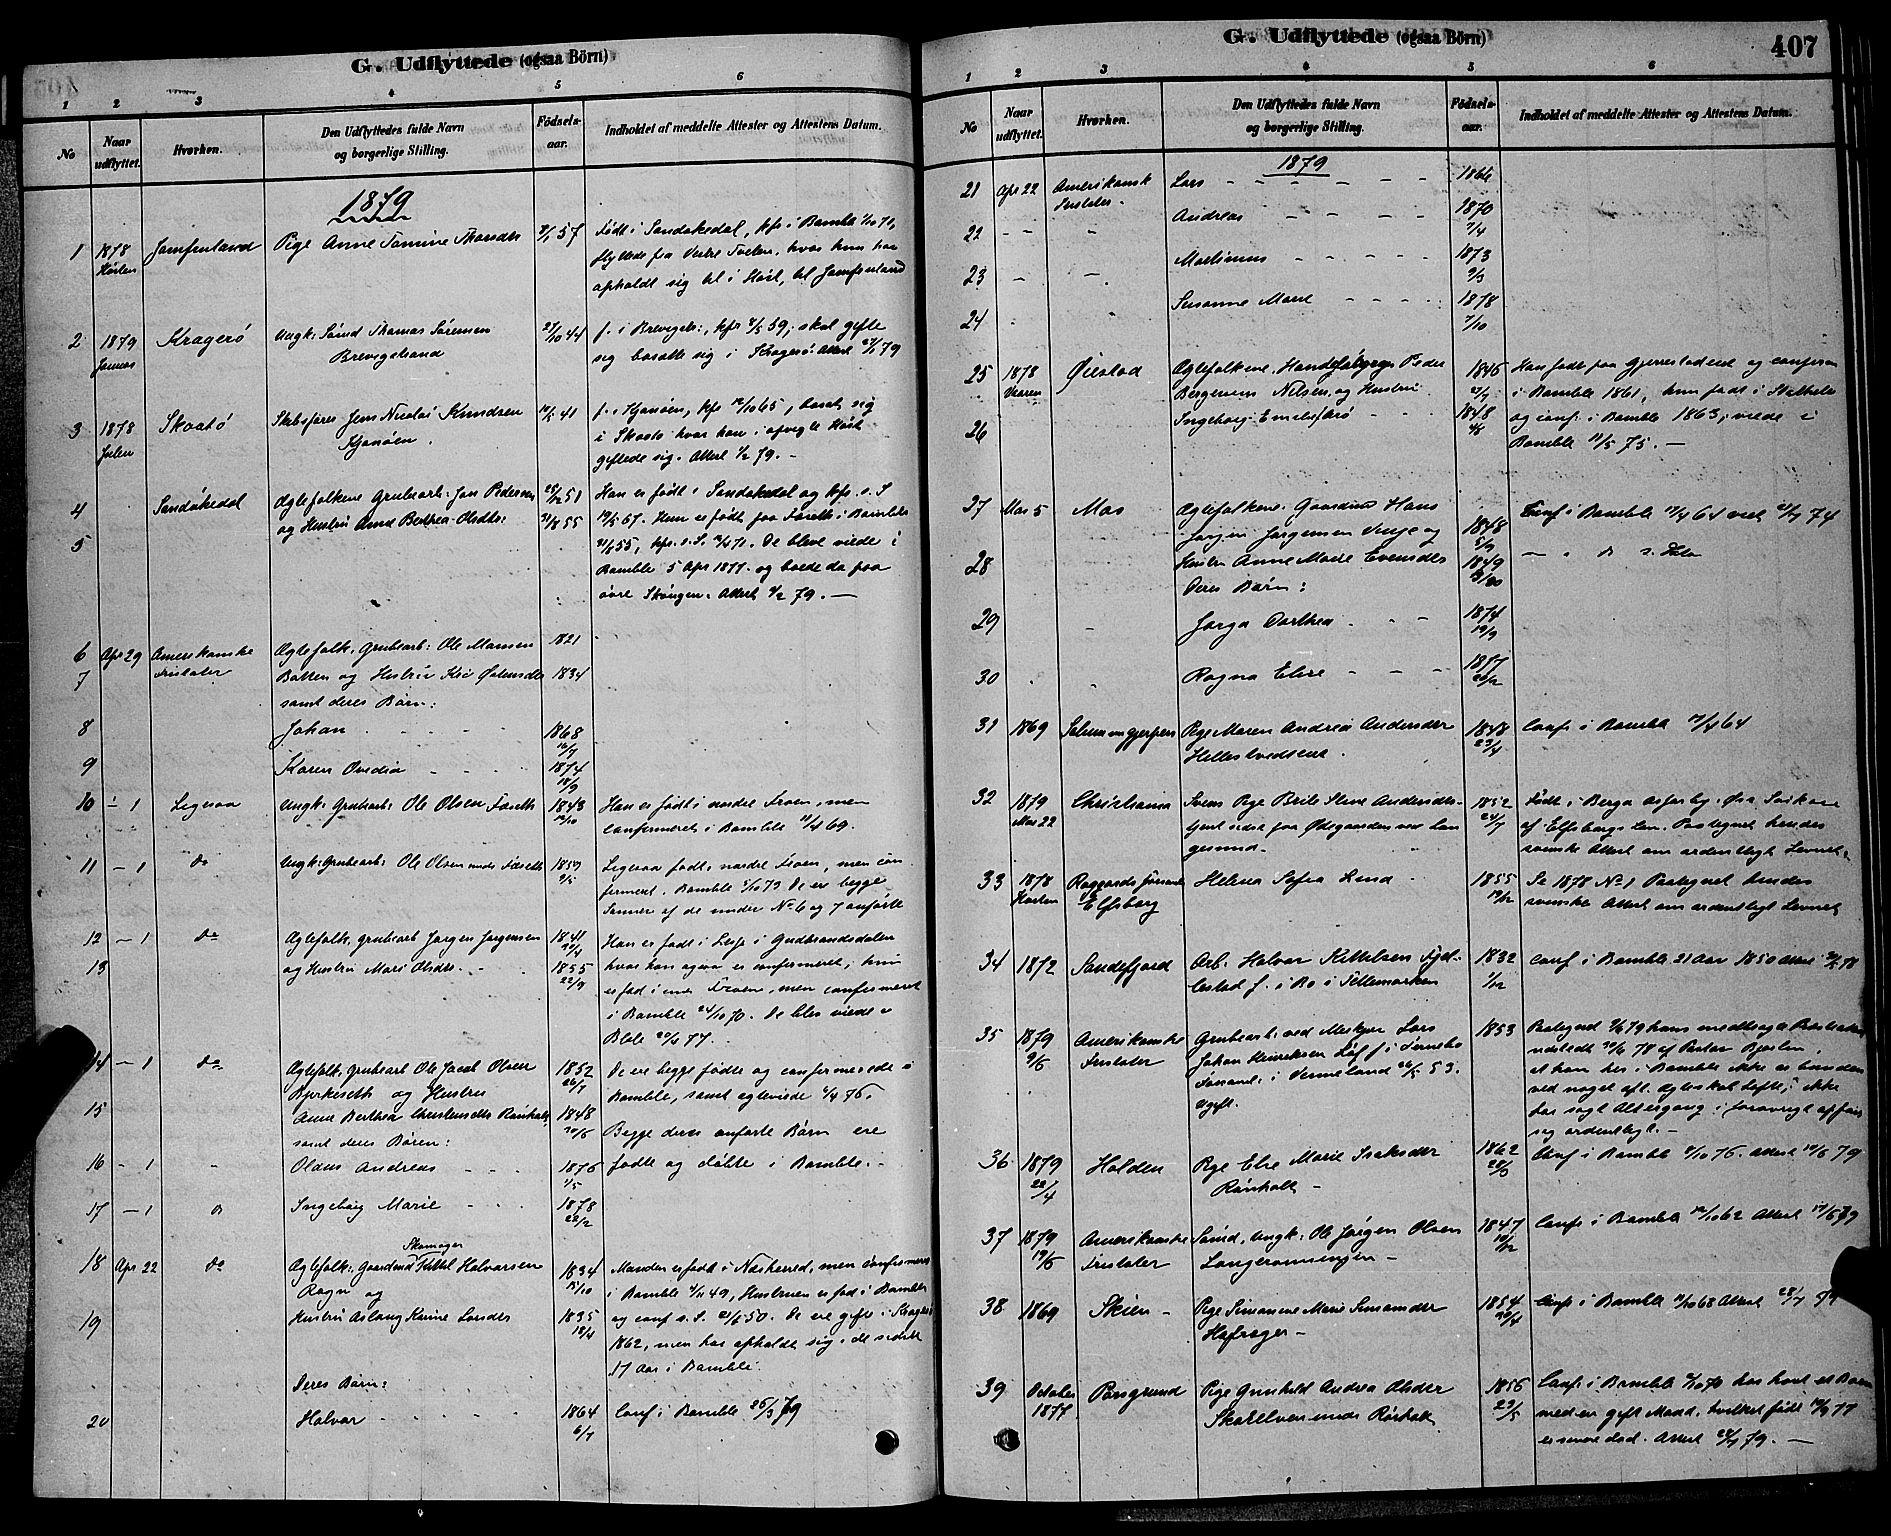 SAKO, Bamble kirkebøker, G/Ga/L0008: Klokkerbok nr. I 8, 1878-1888, s. 407